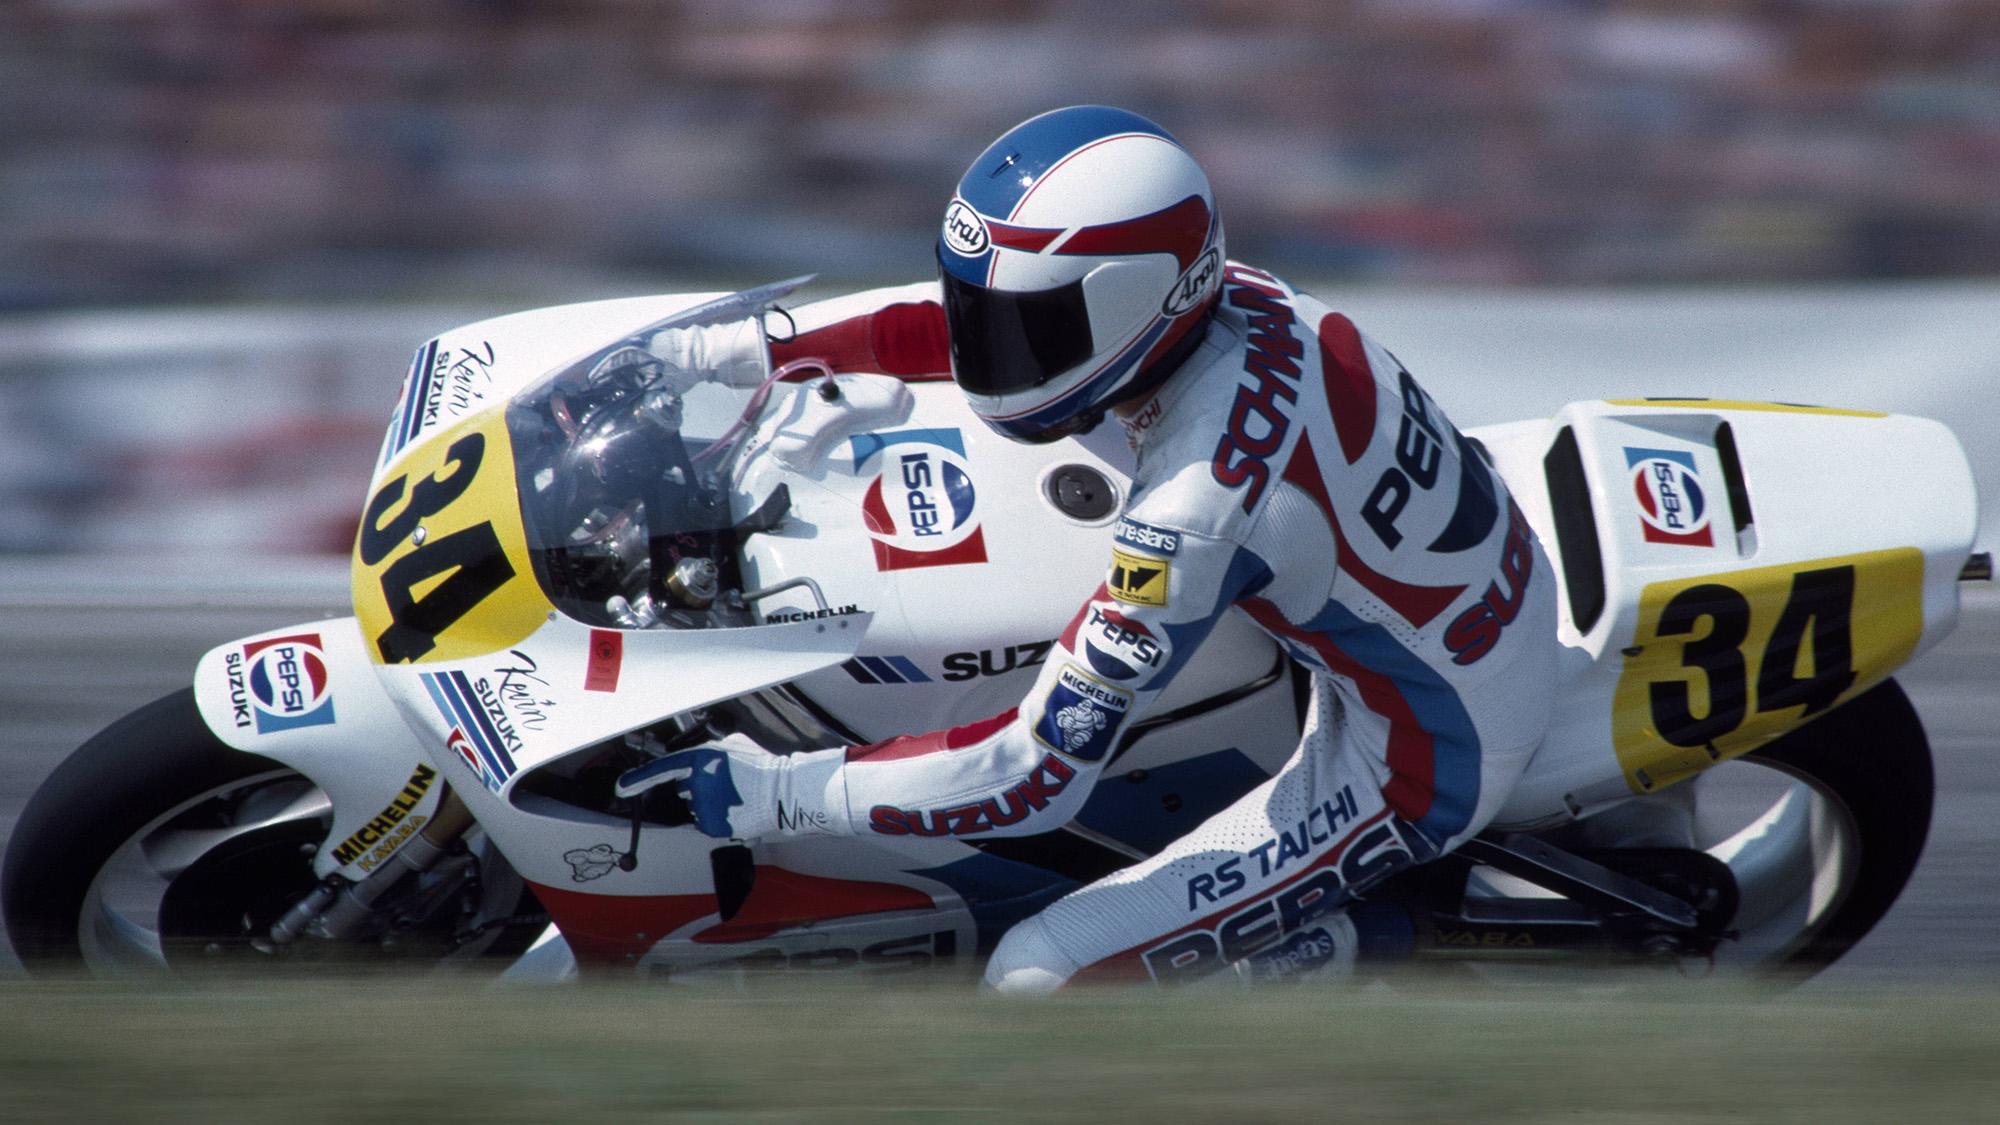 Kevin Schwantz 1989 Pepsi Suzuki